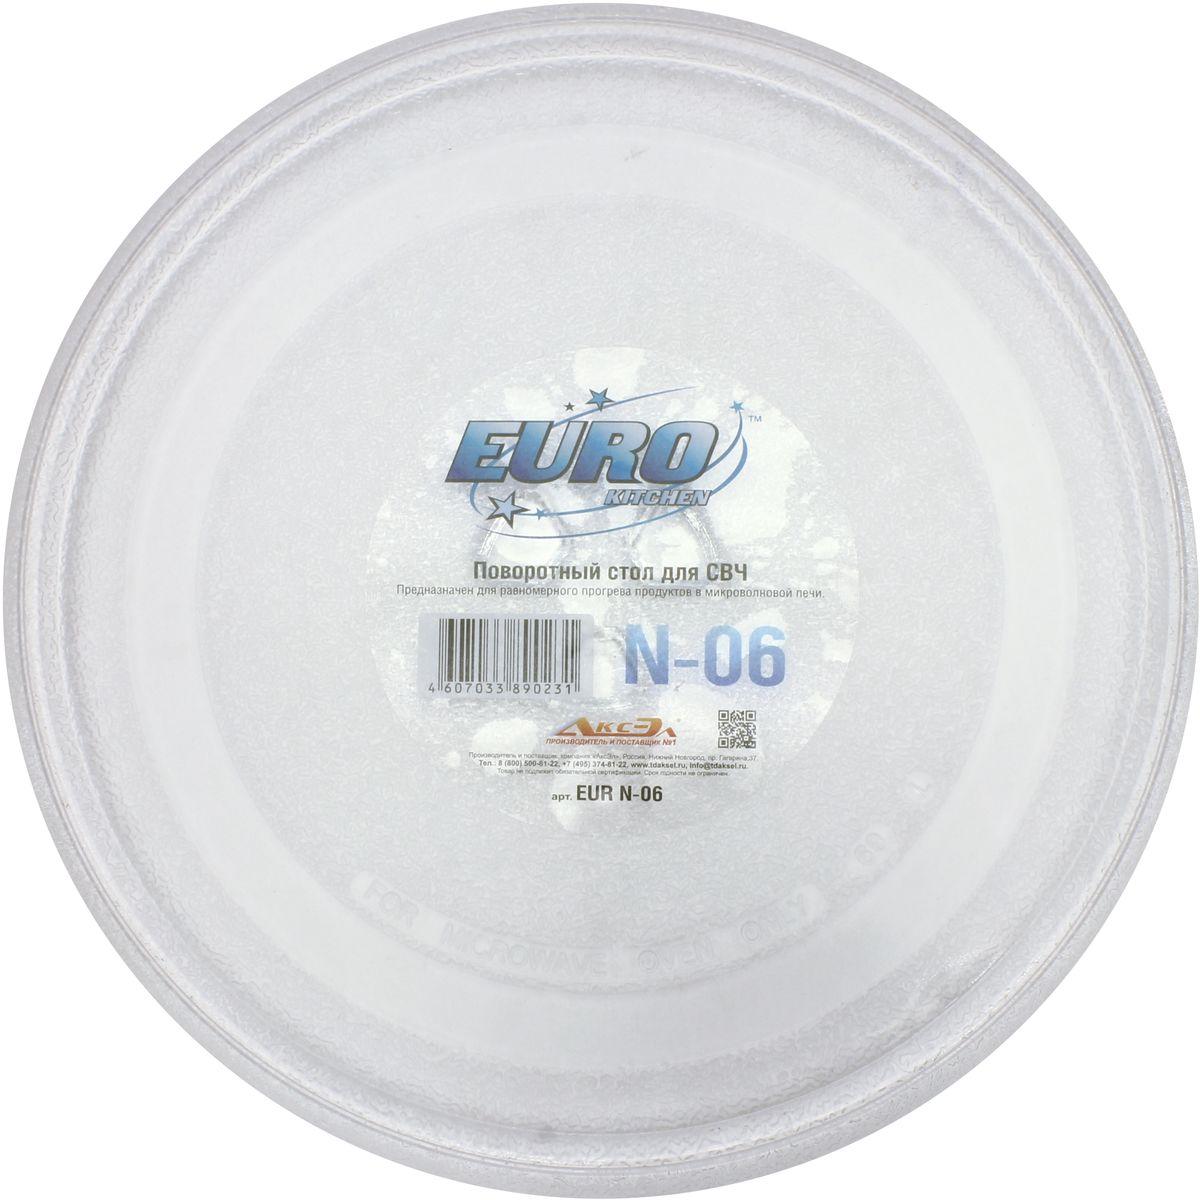 Euro Kitchen N-06 тарелка для СВЧ asko hss1053t